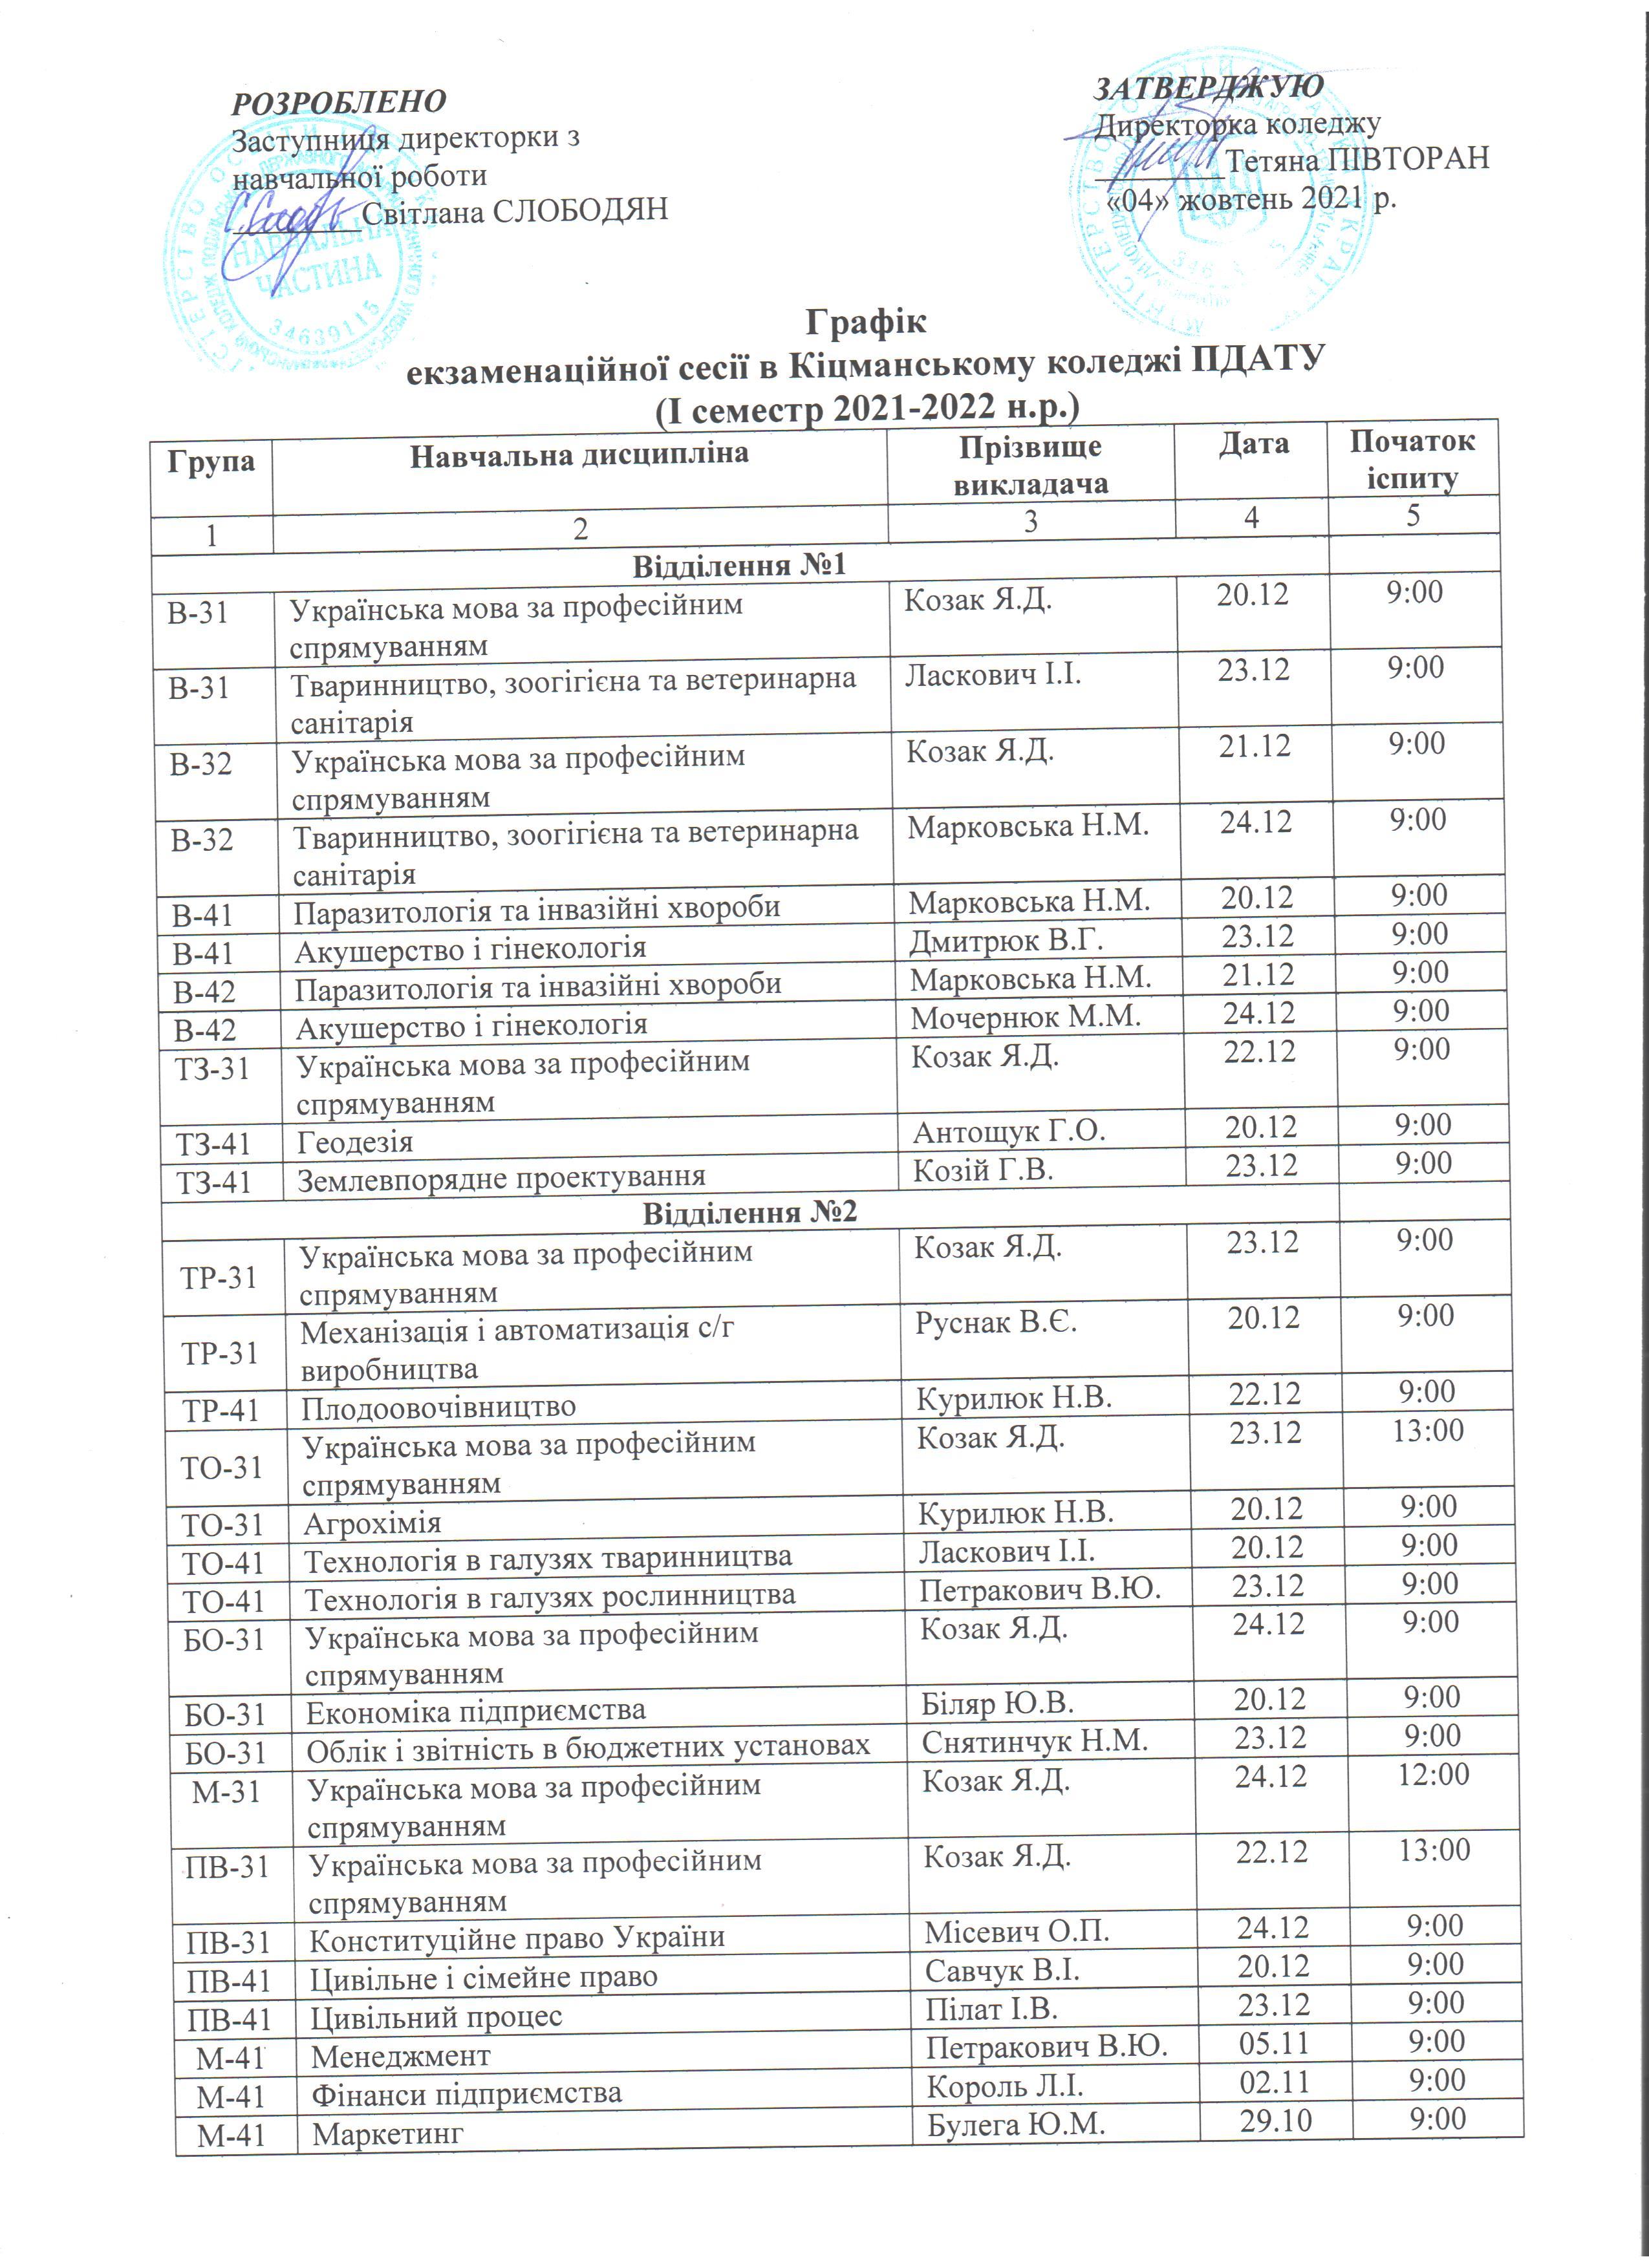 Графік екзаменаційної сесії І семестр 2021-2022 н.р.